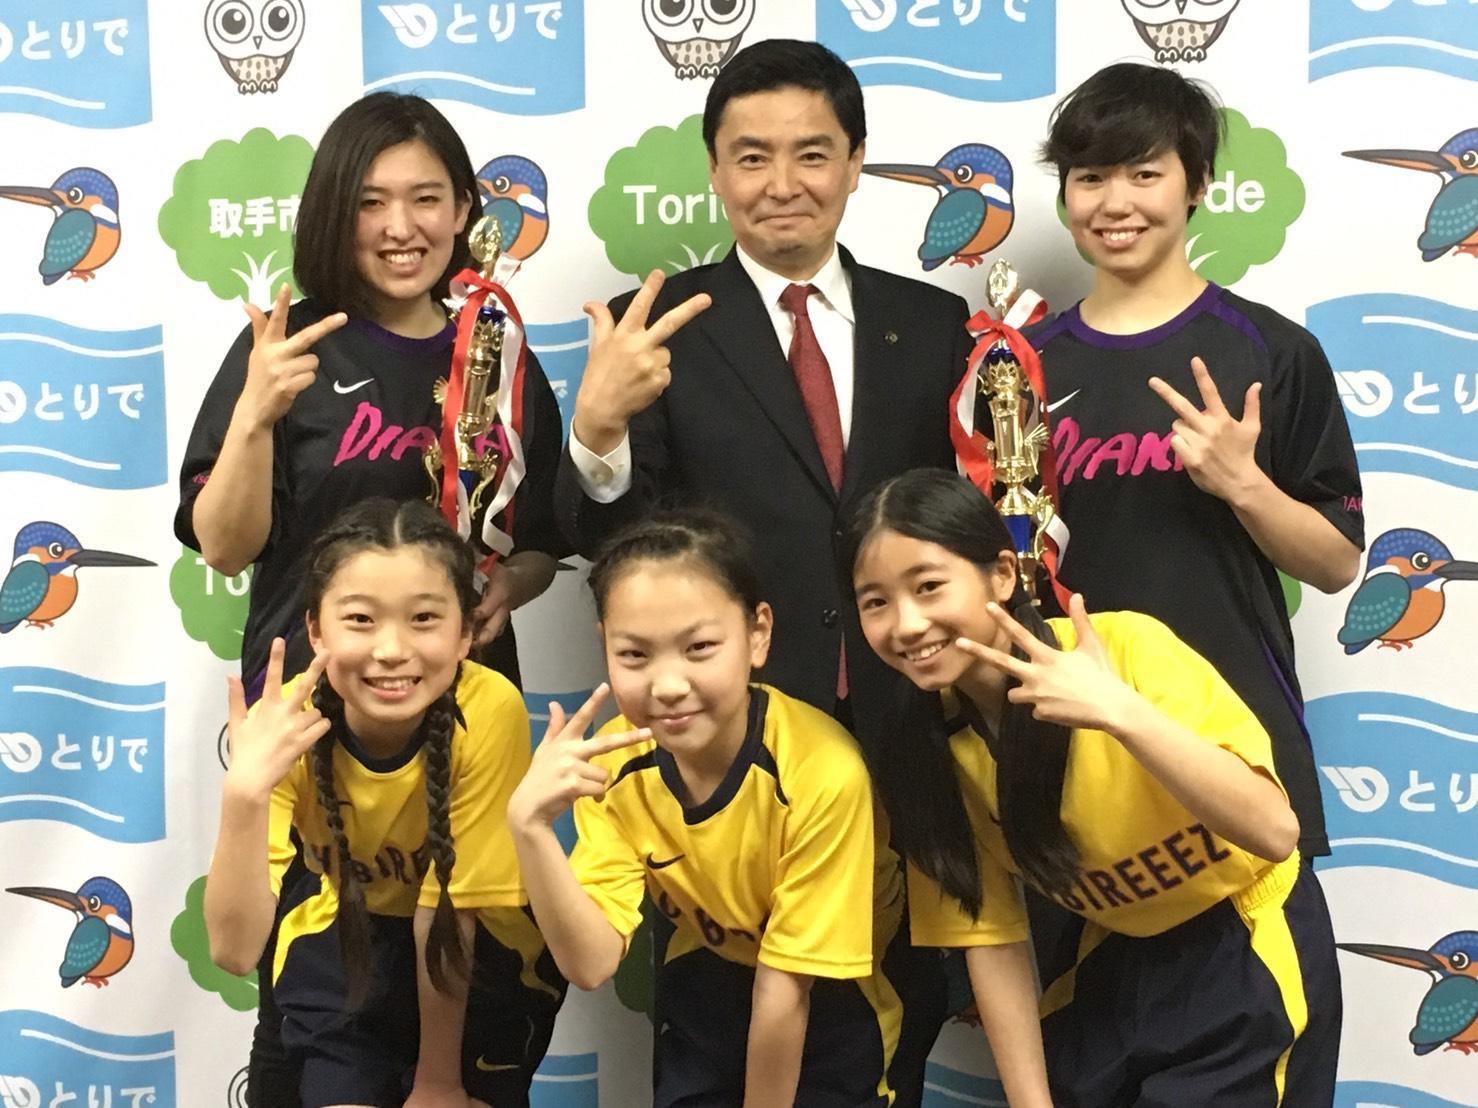 http://news.yoshimoto.co.jp/20170419102943-a9c12954712bc0b573b0e734cc8ec9701610c6c5.jpg